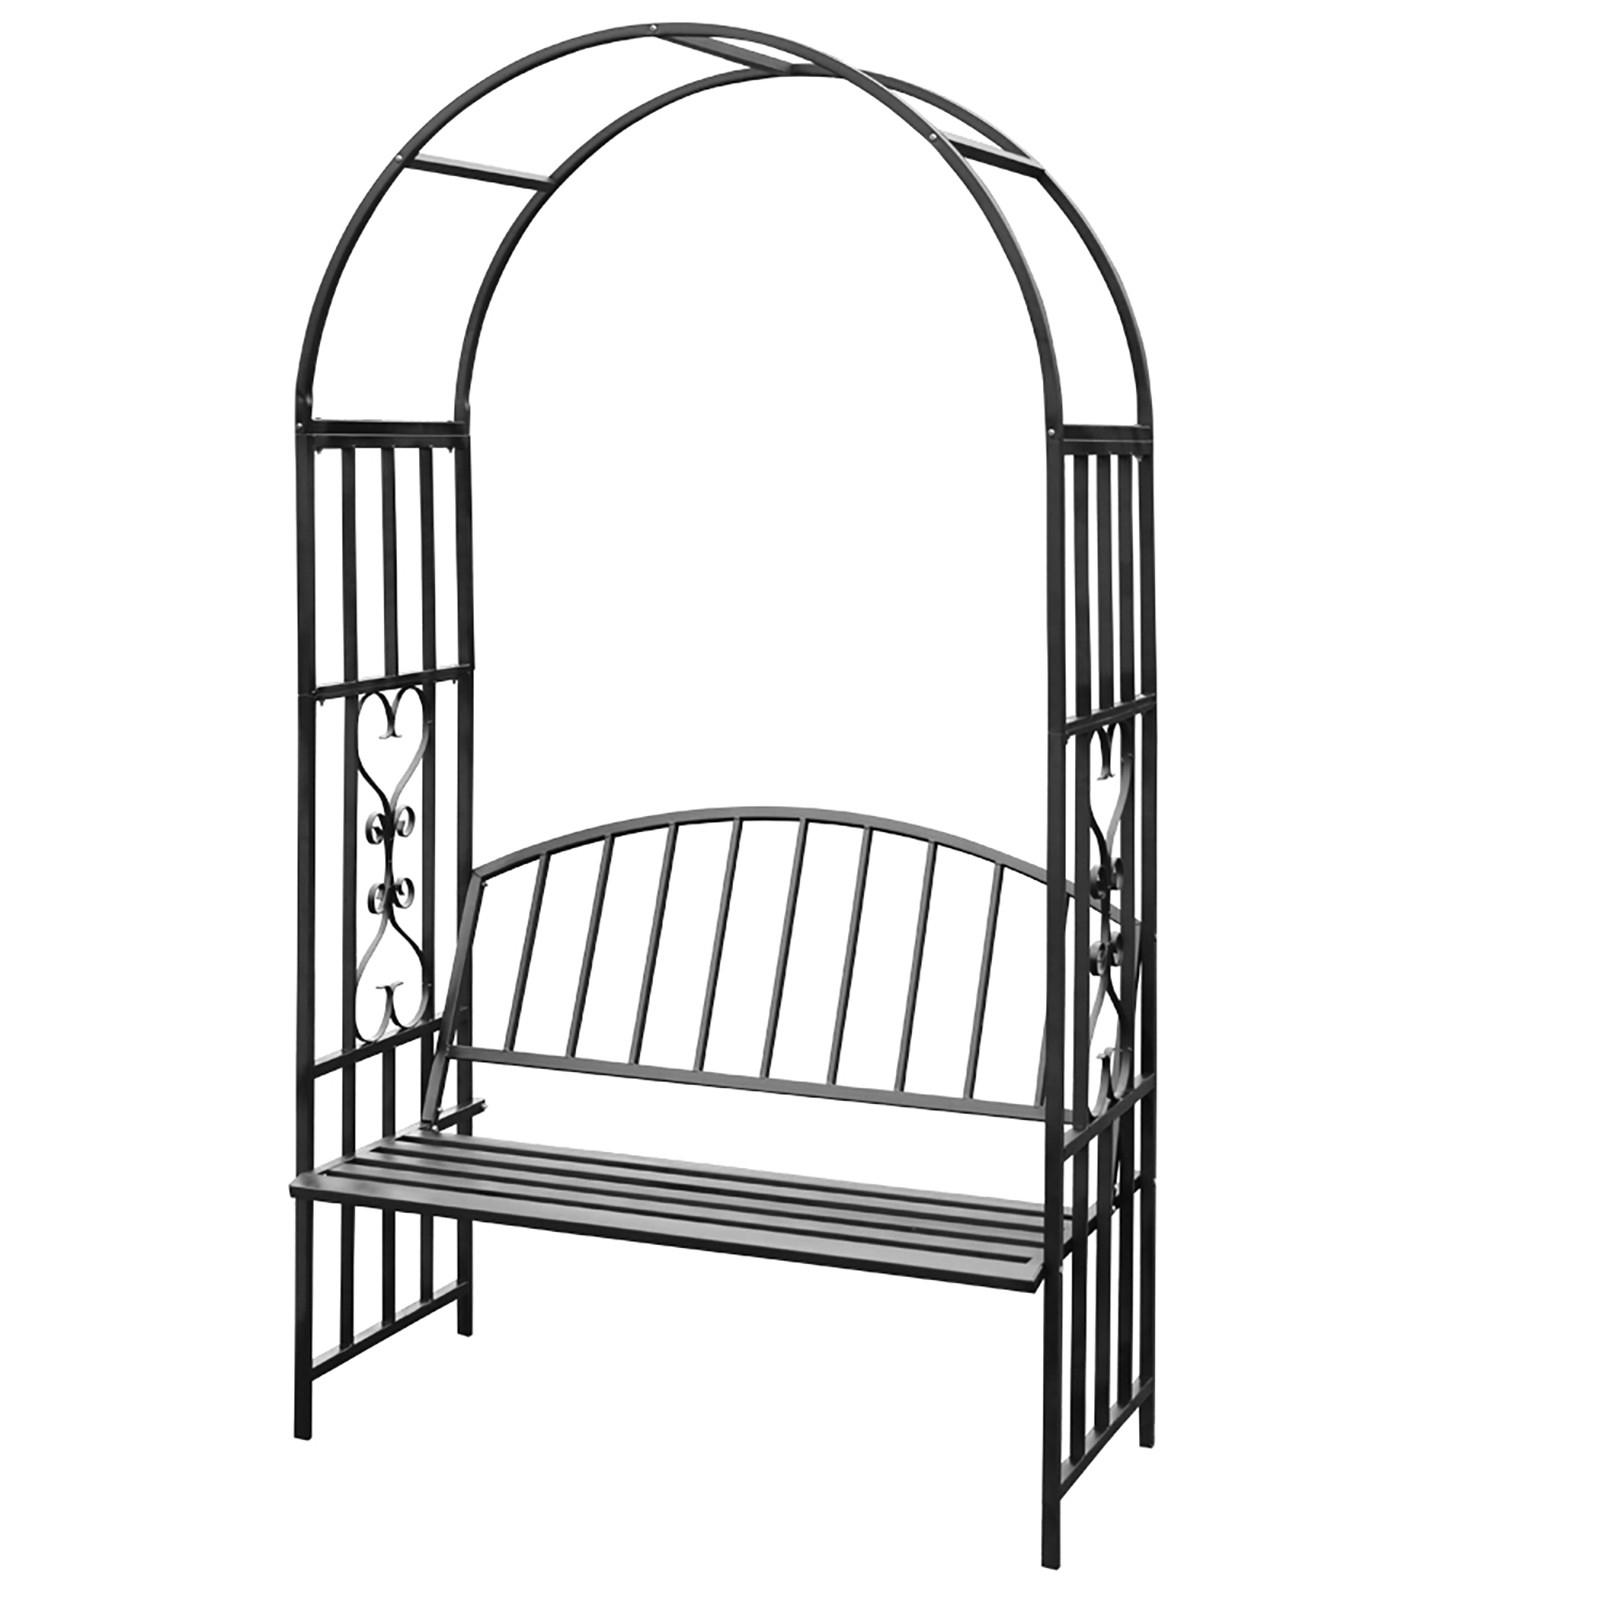 Détails Sur Arche De Jardin Avec Banc Arceau De Jardin Support À Rosier Et  Plante Grimpante pour Arche De Jardin Avec Portillon